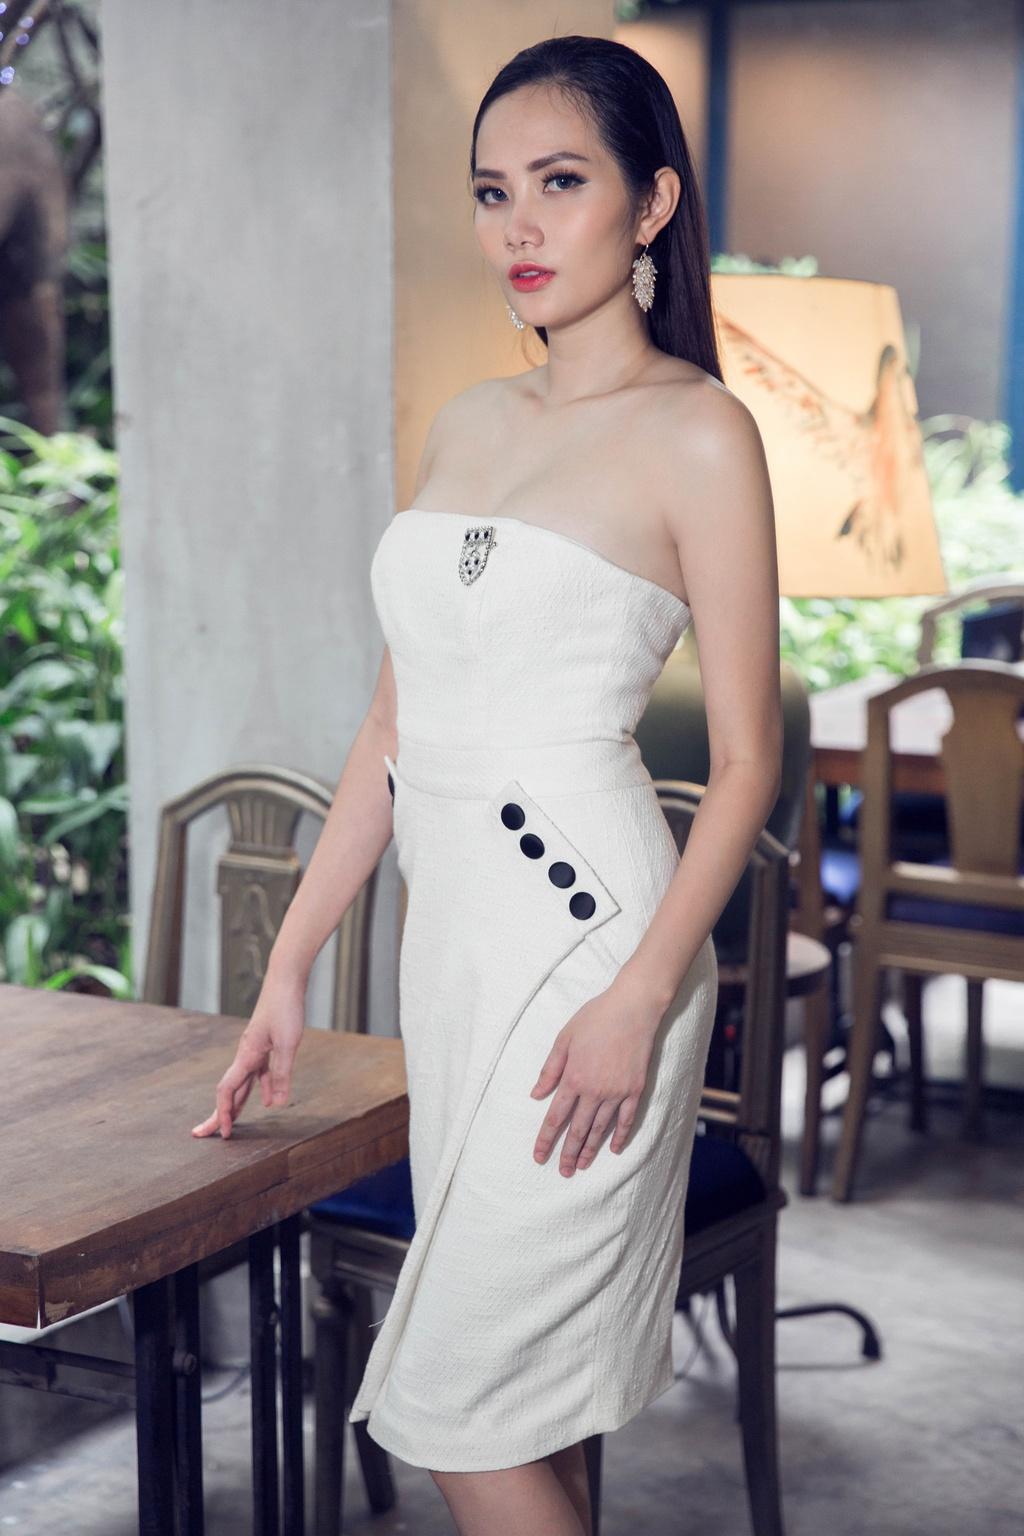 Hoa hau Dong Nam A goi y 10 bo canh dien cuoi tuan hinh anh 6